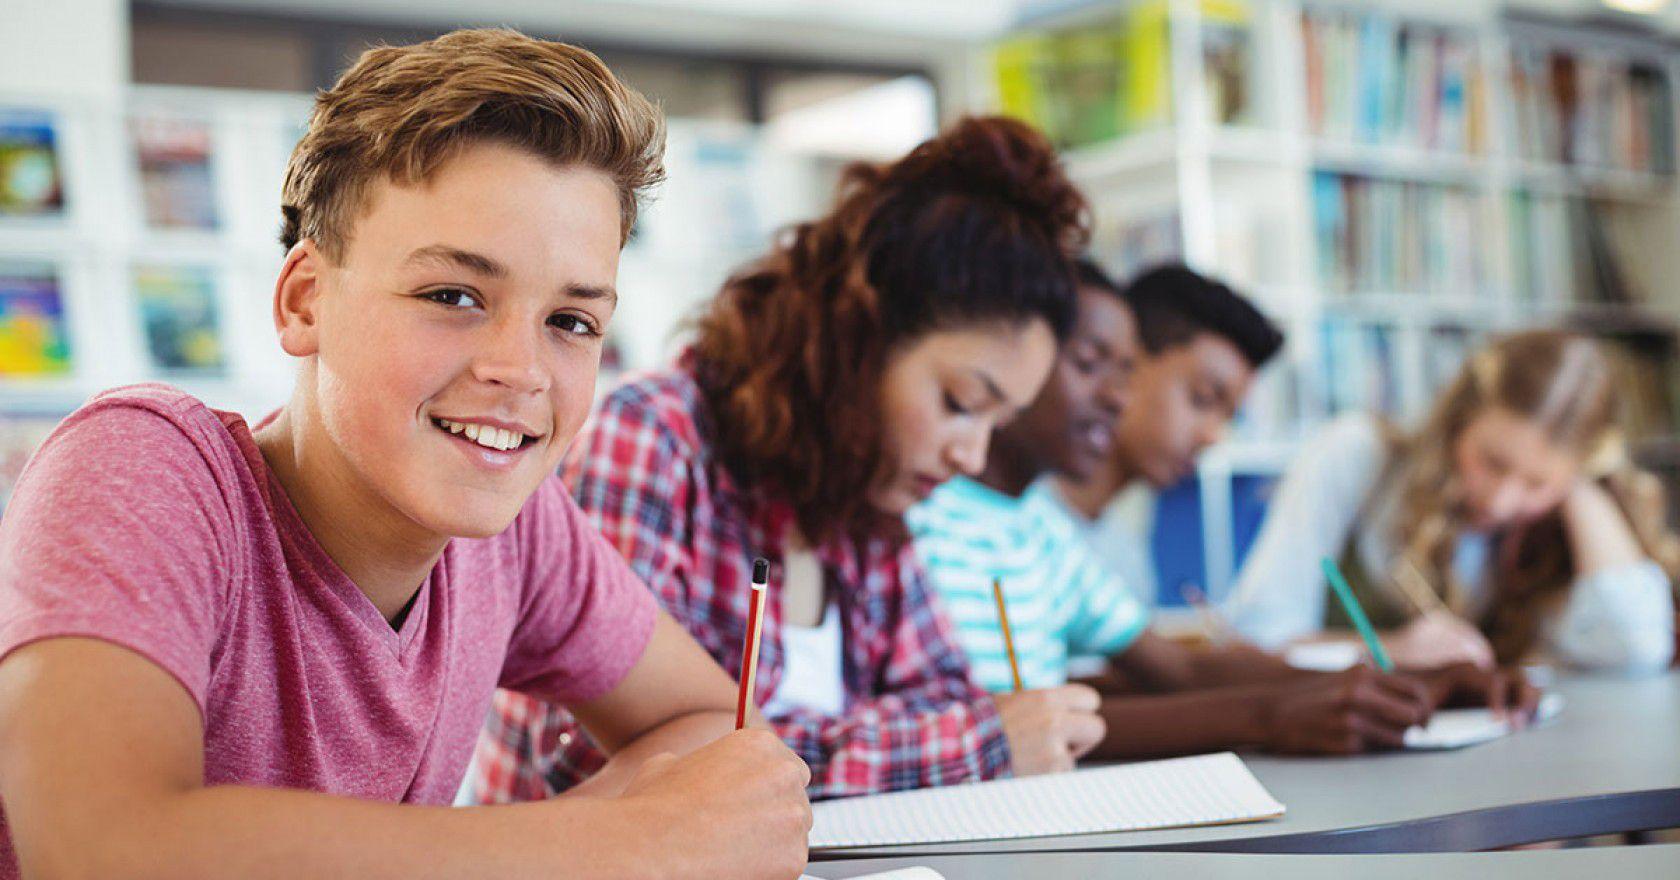 İsviçre'de ortaokul eğitimi almak isteyenleri bekleyen süreçler